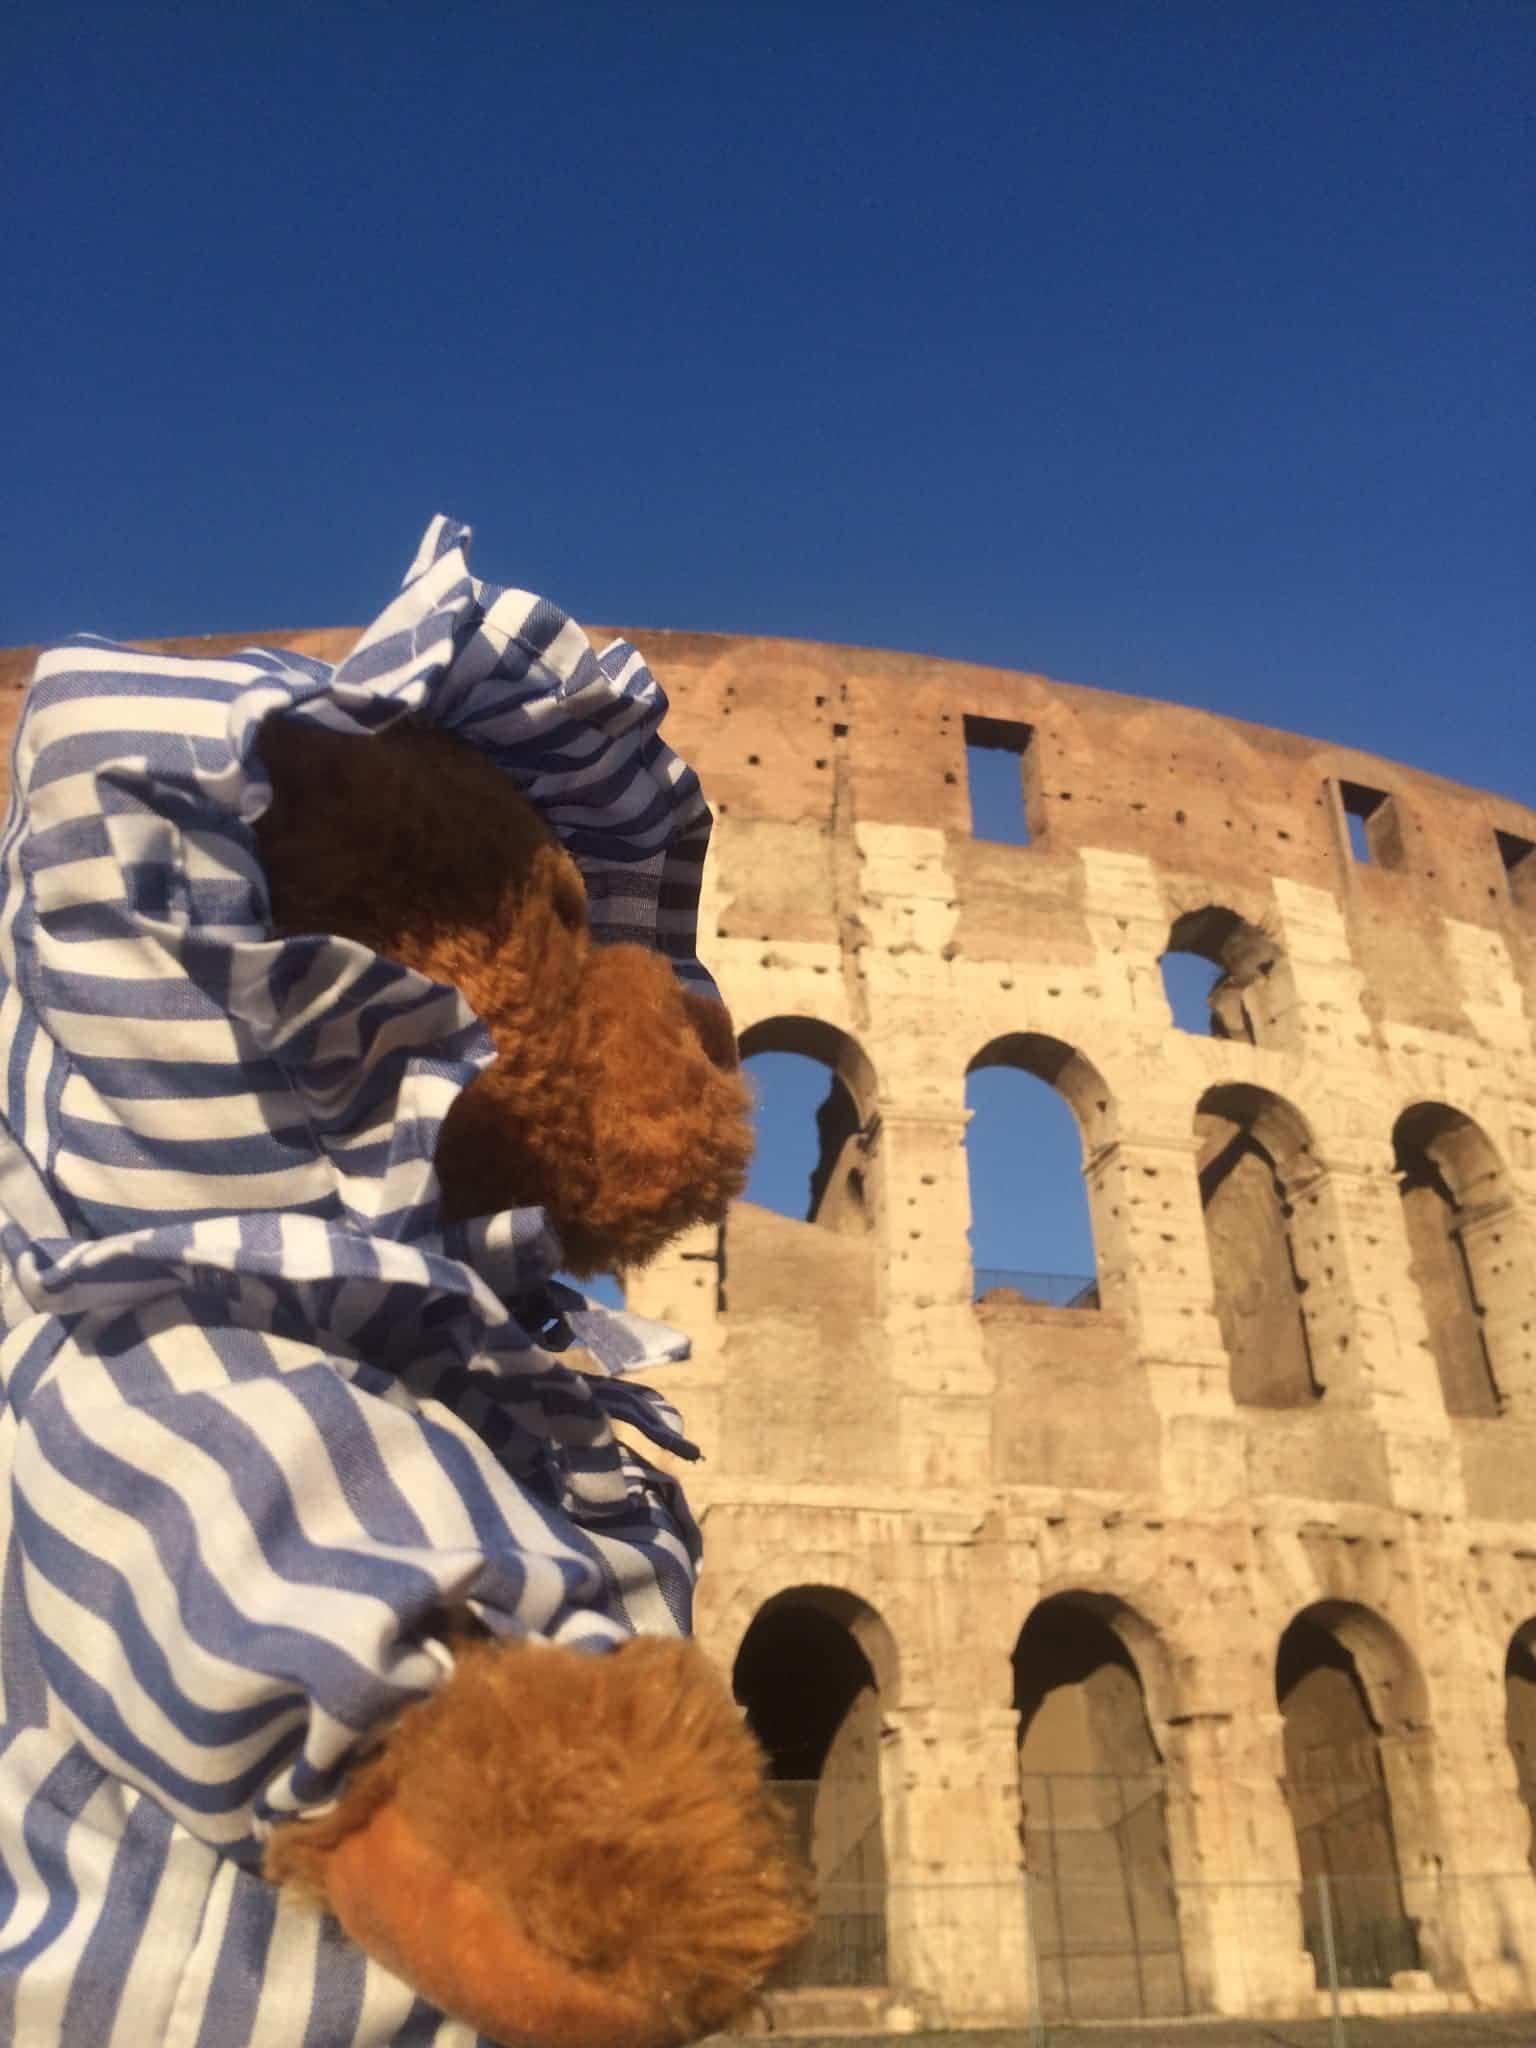 ¿Qué hacen 5 ositos de peluche vestidos de Perlé viajando por el mundo? 11